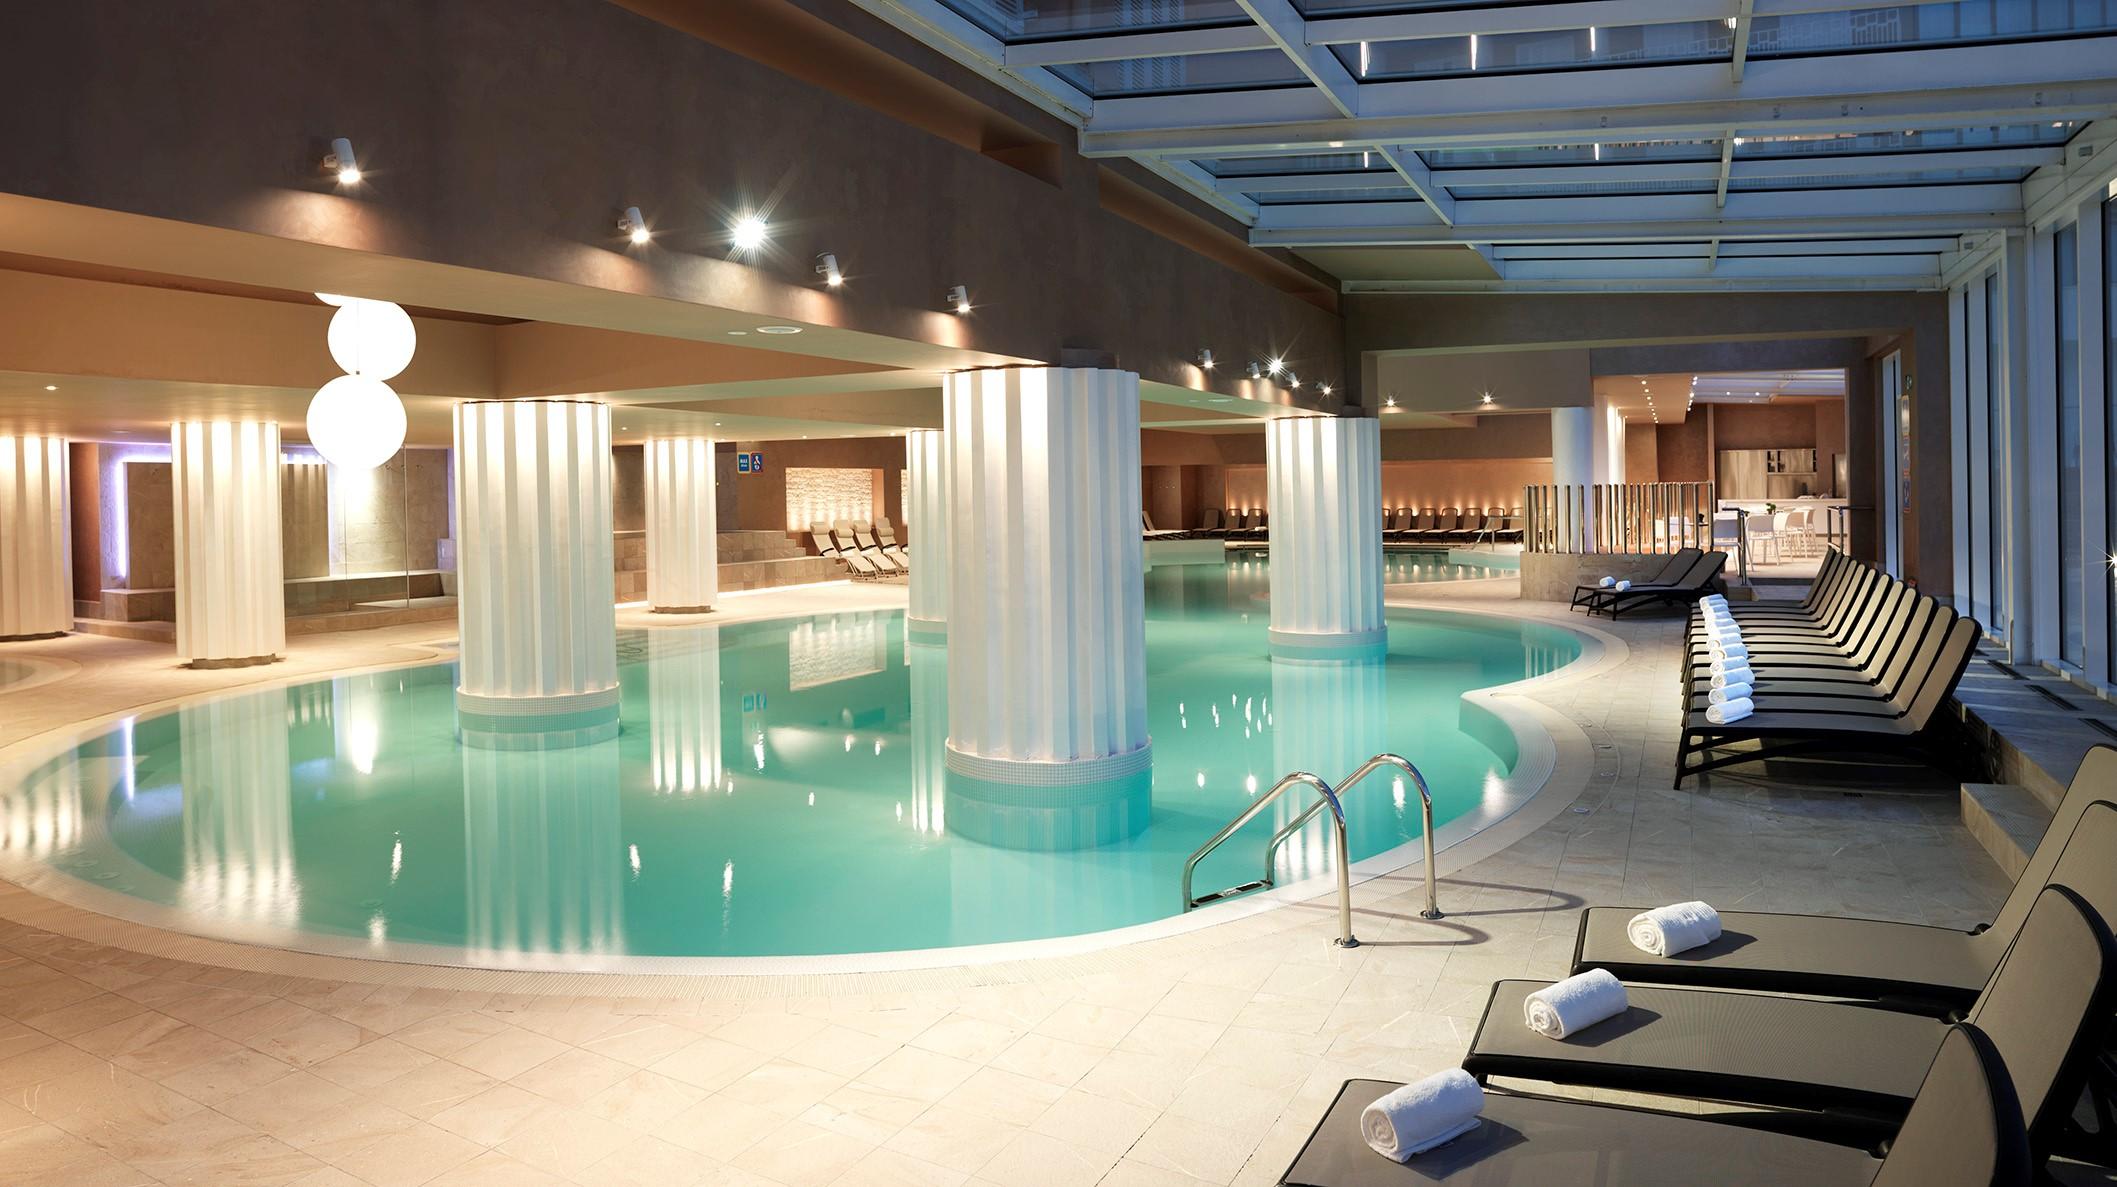 sea-spa-swimming-pool-panorama